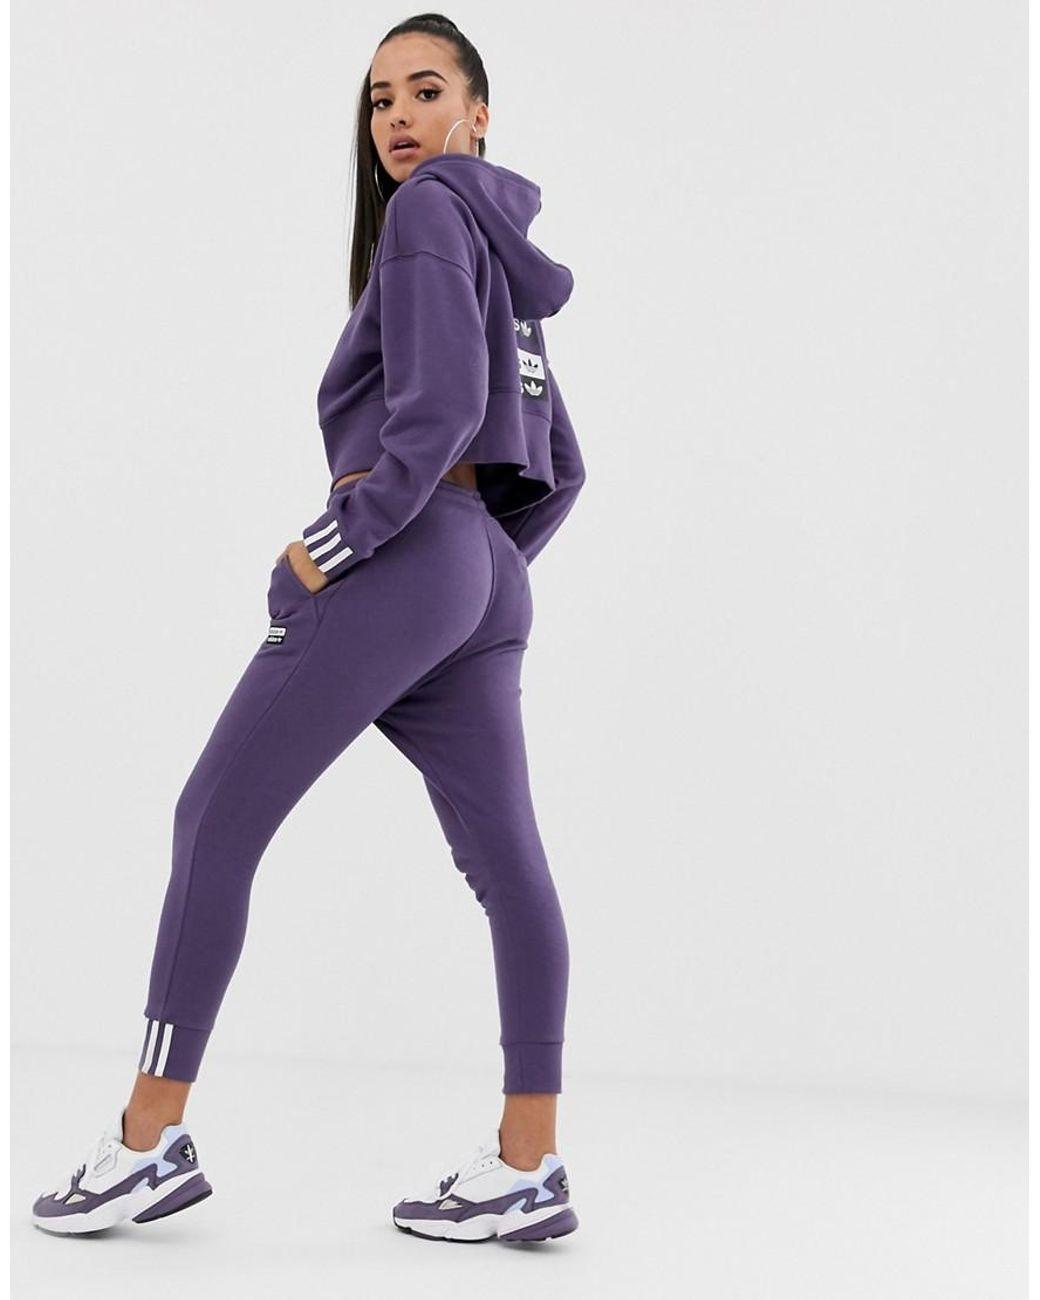 Veste de survêtement SST Violet adidas | adidas France